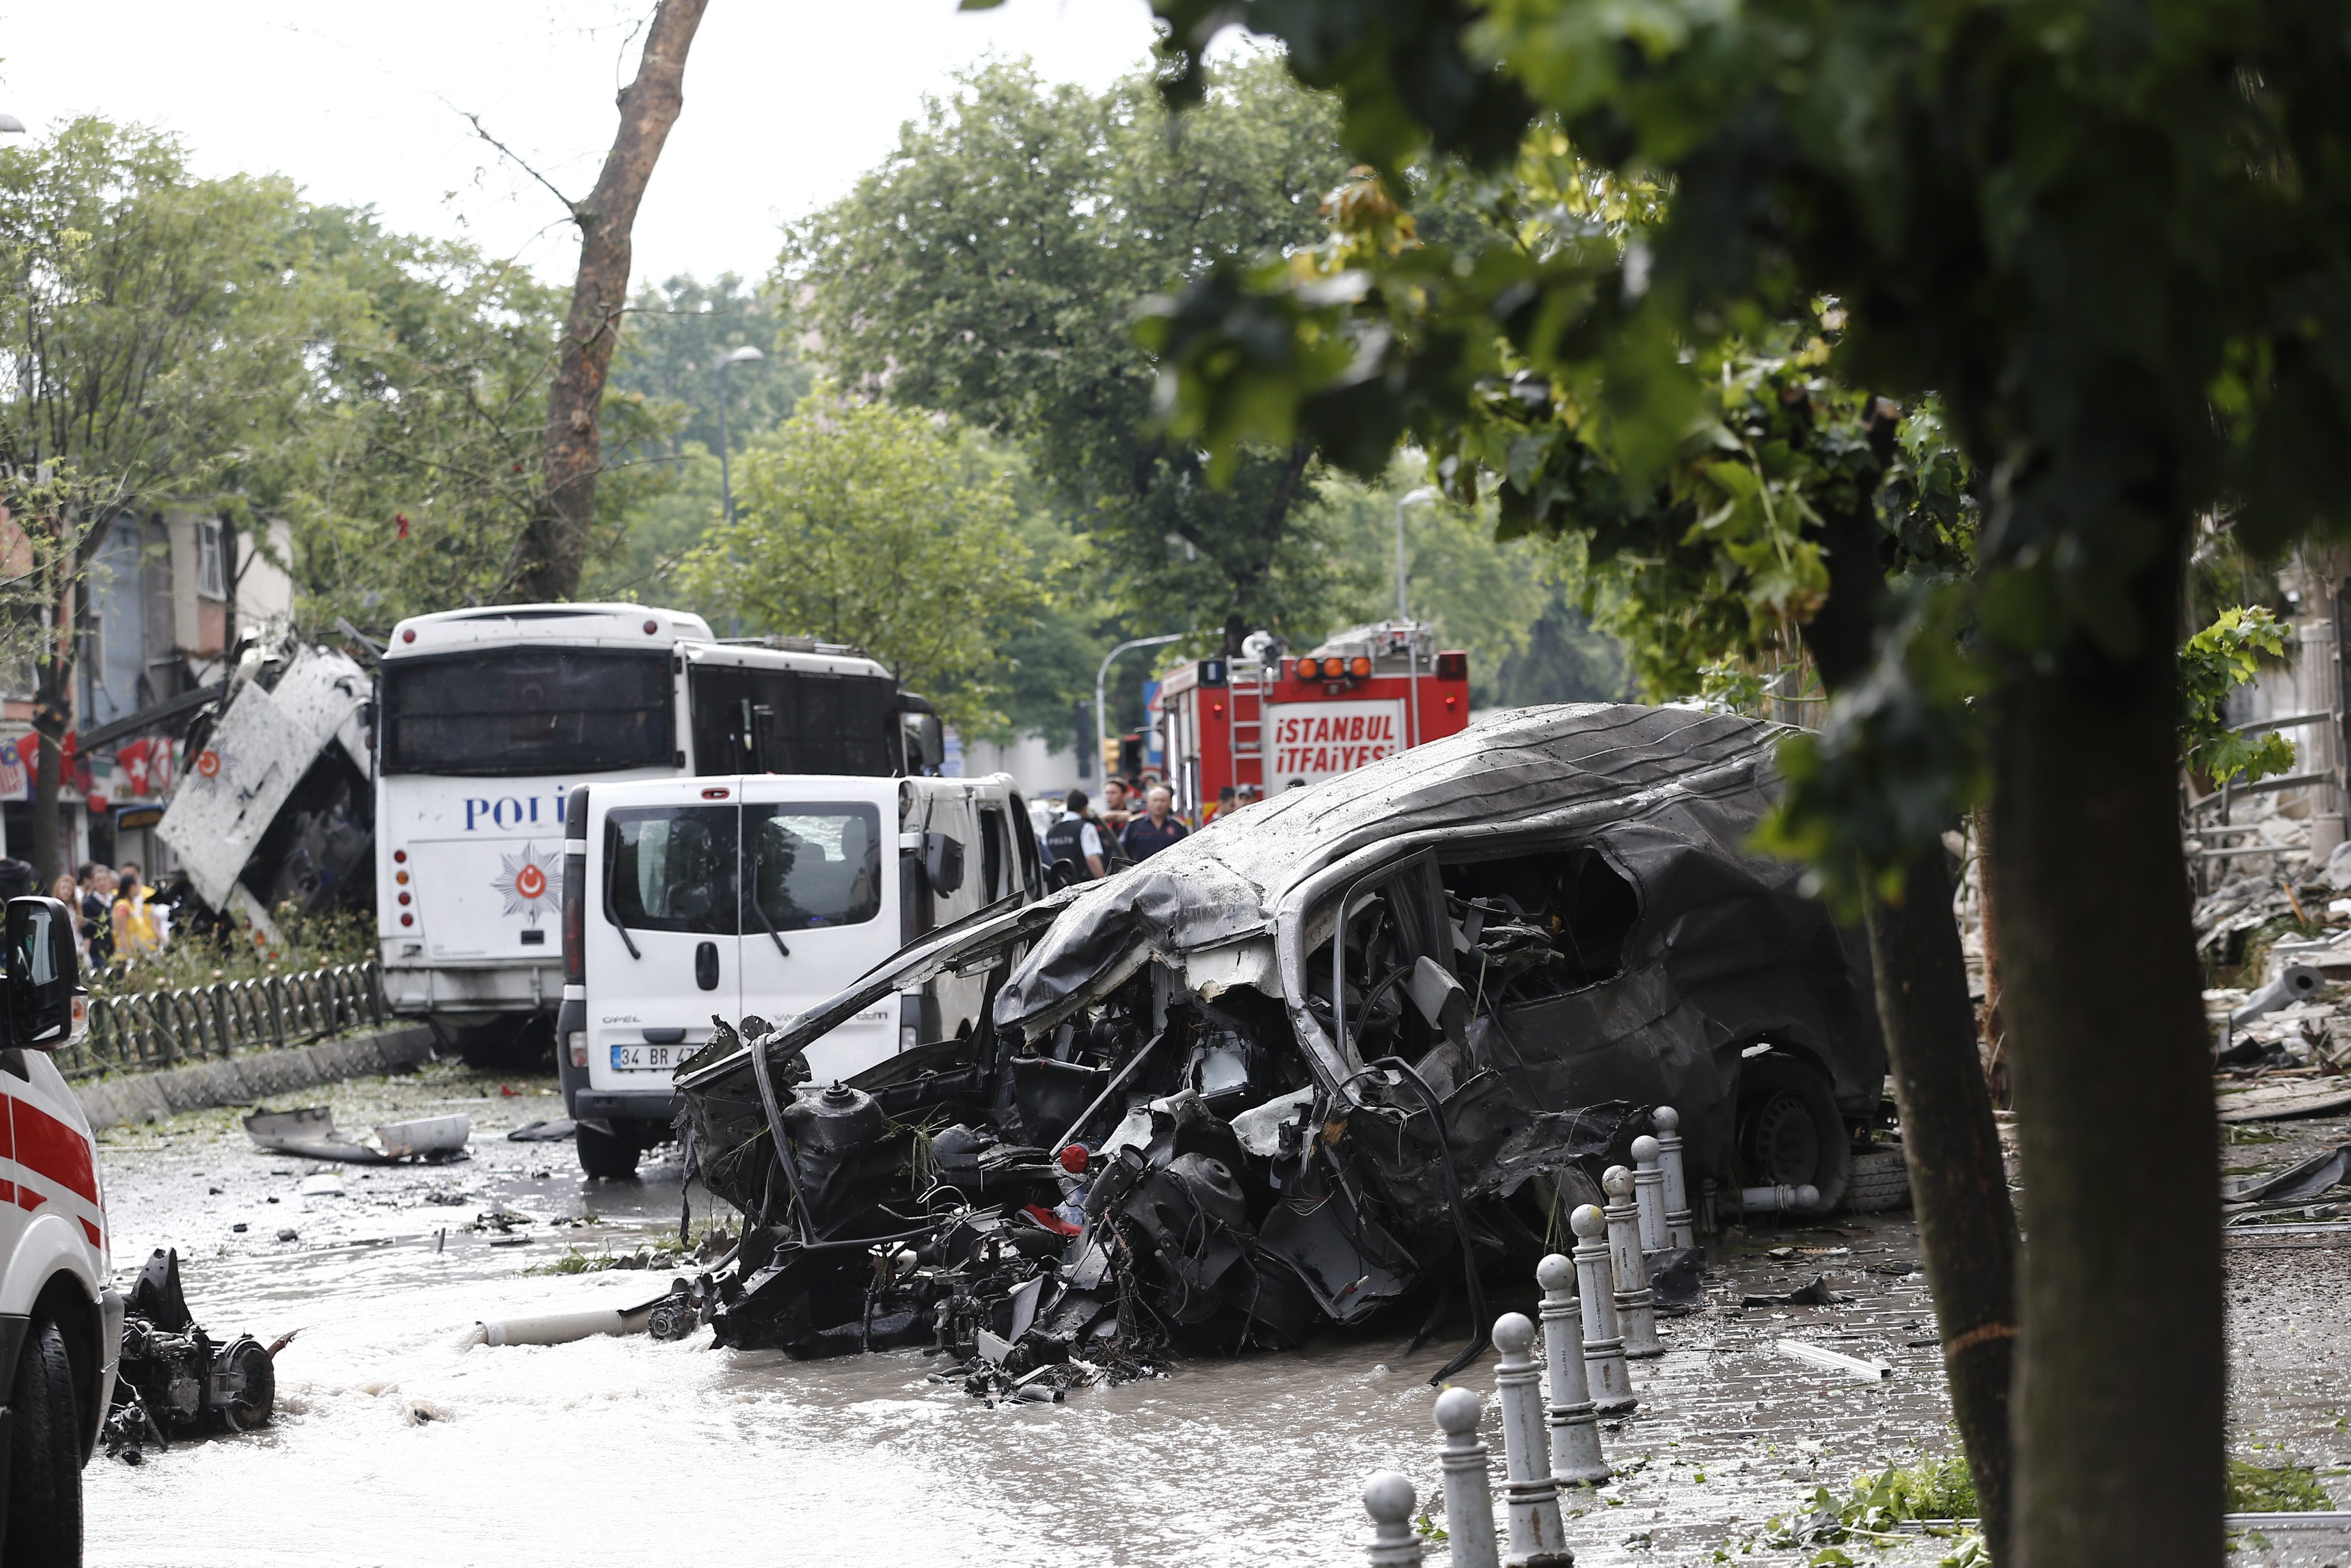 Turcia, zguduita de 8 atentate teroriste in ultimele luni. Peste 200 de persoane au fost ucise in atacuri